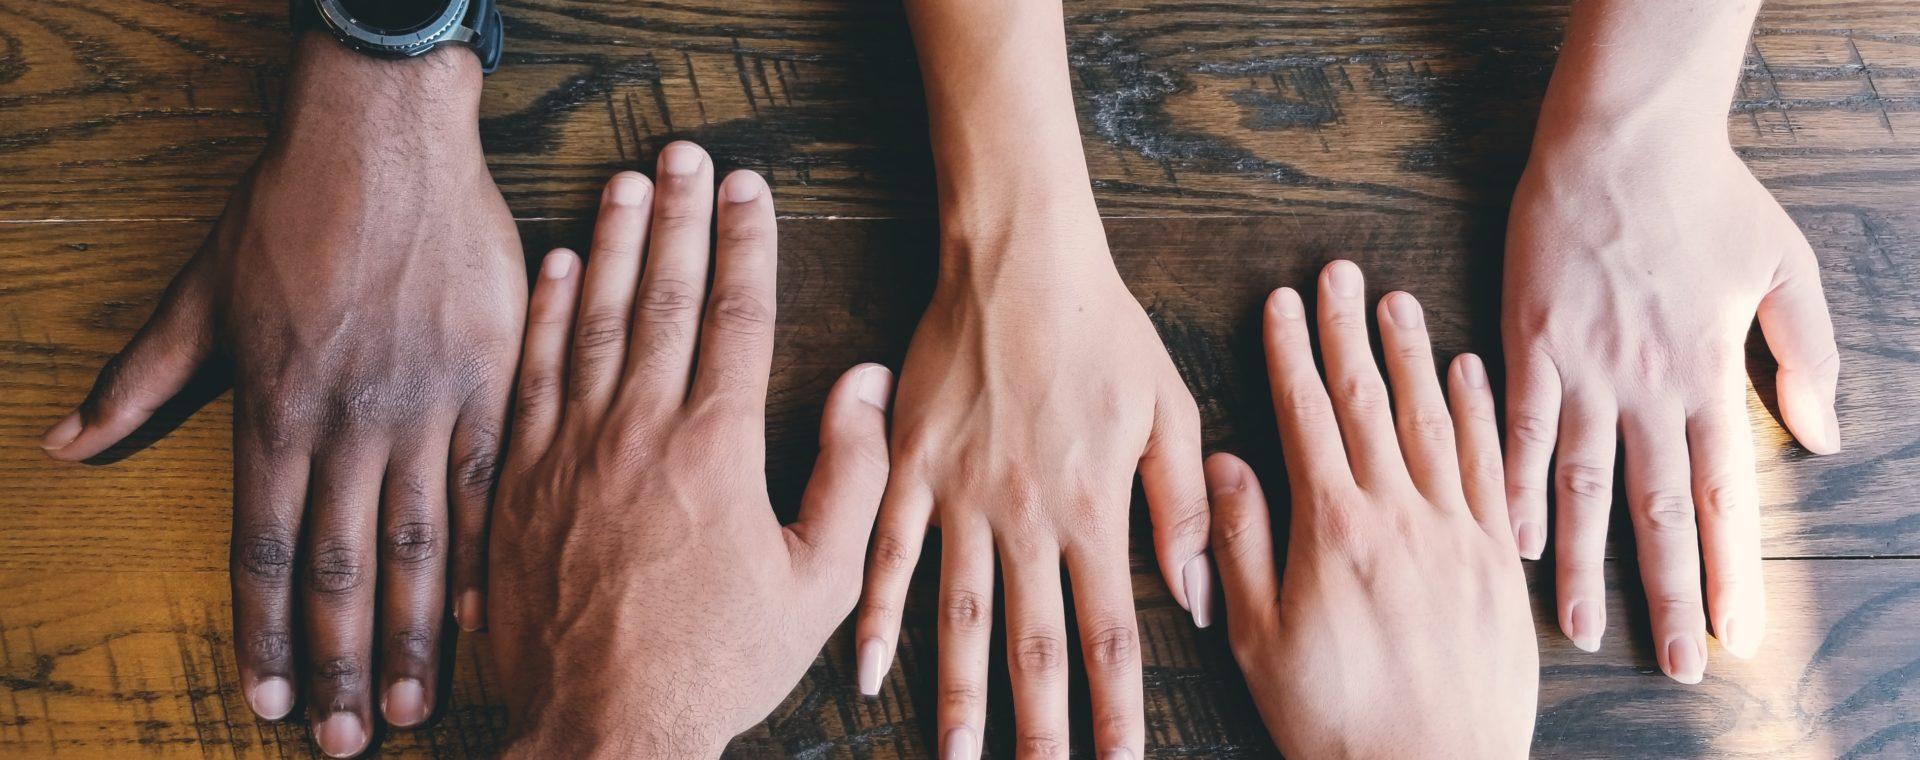 le vieillissement des mains, que faire ?